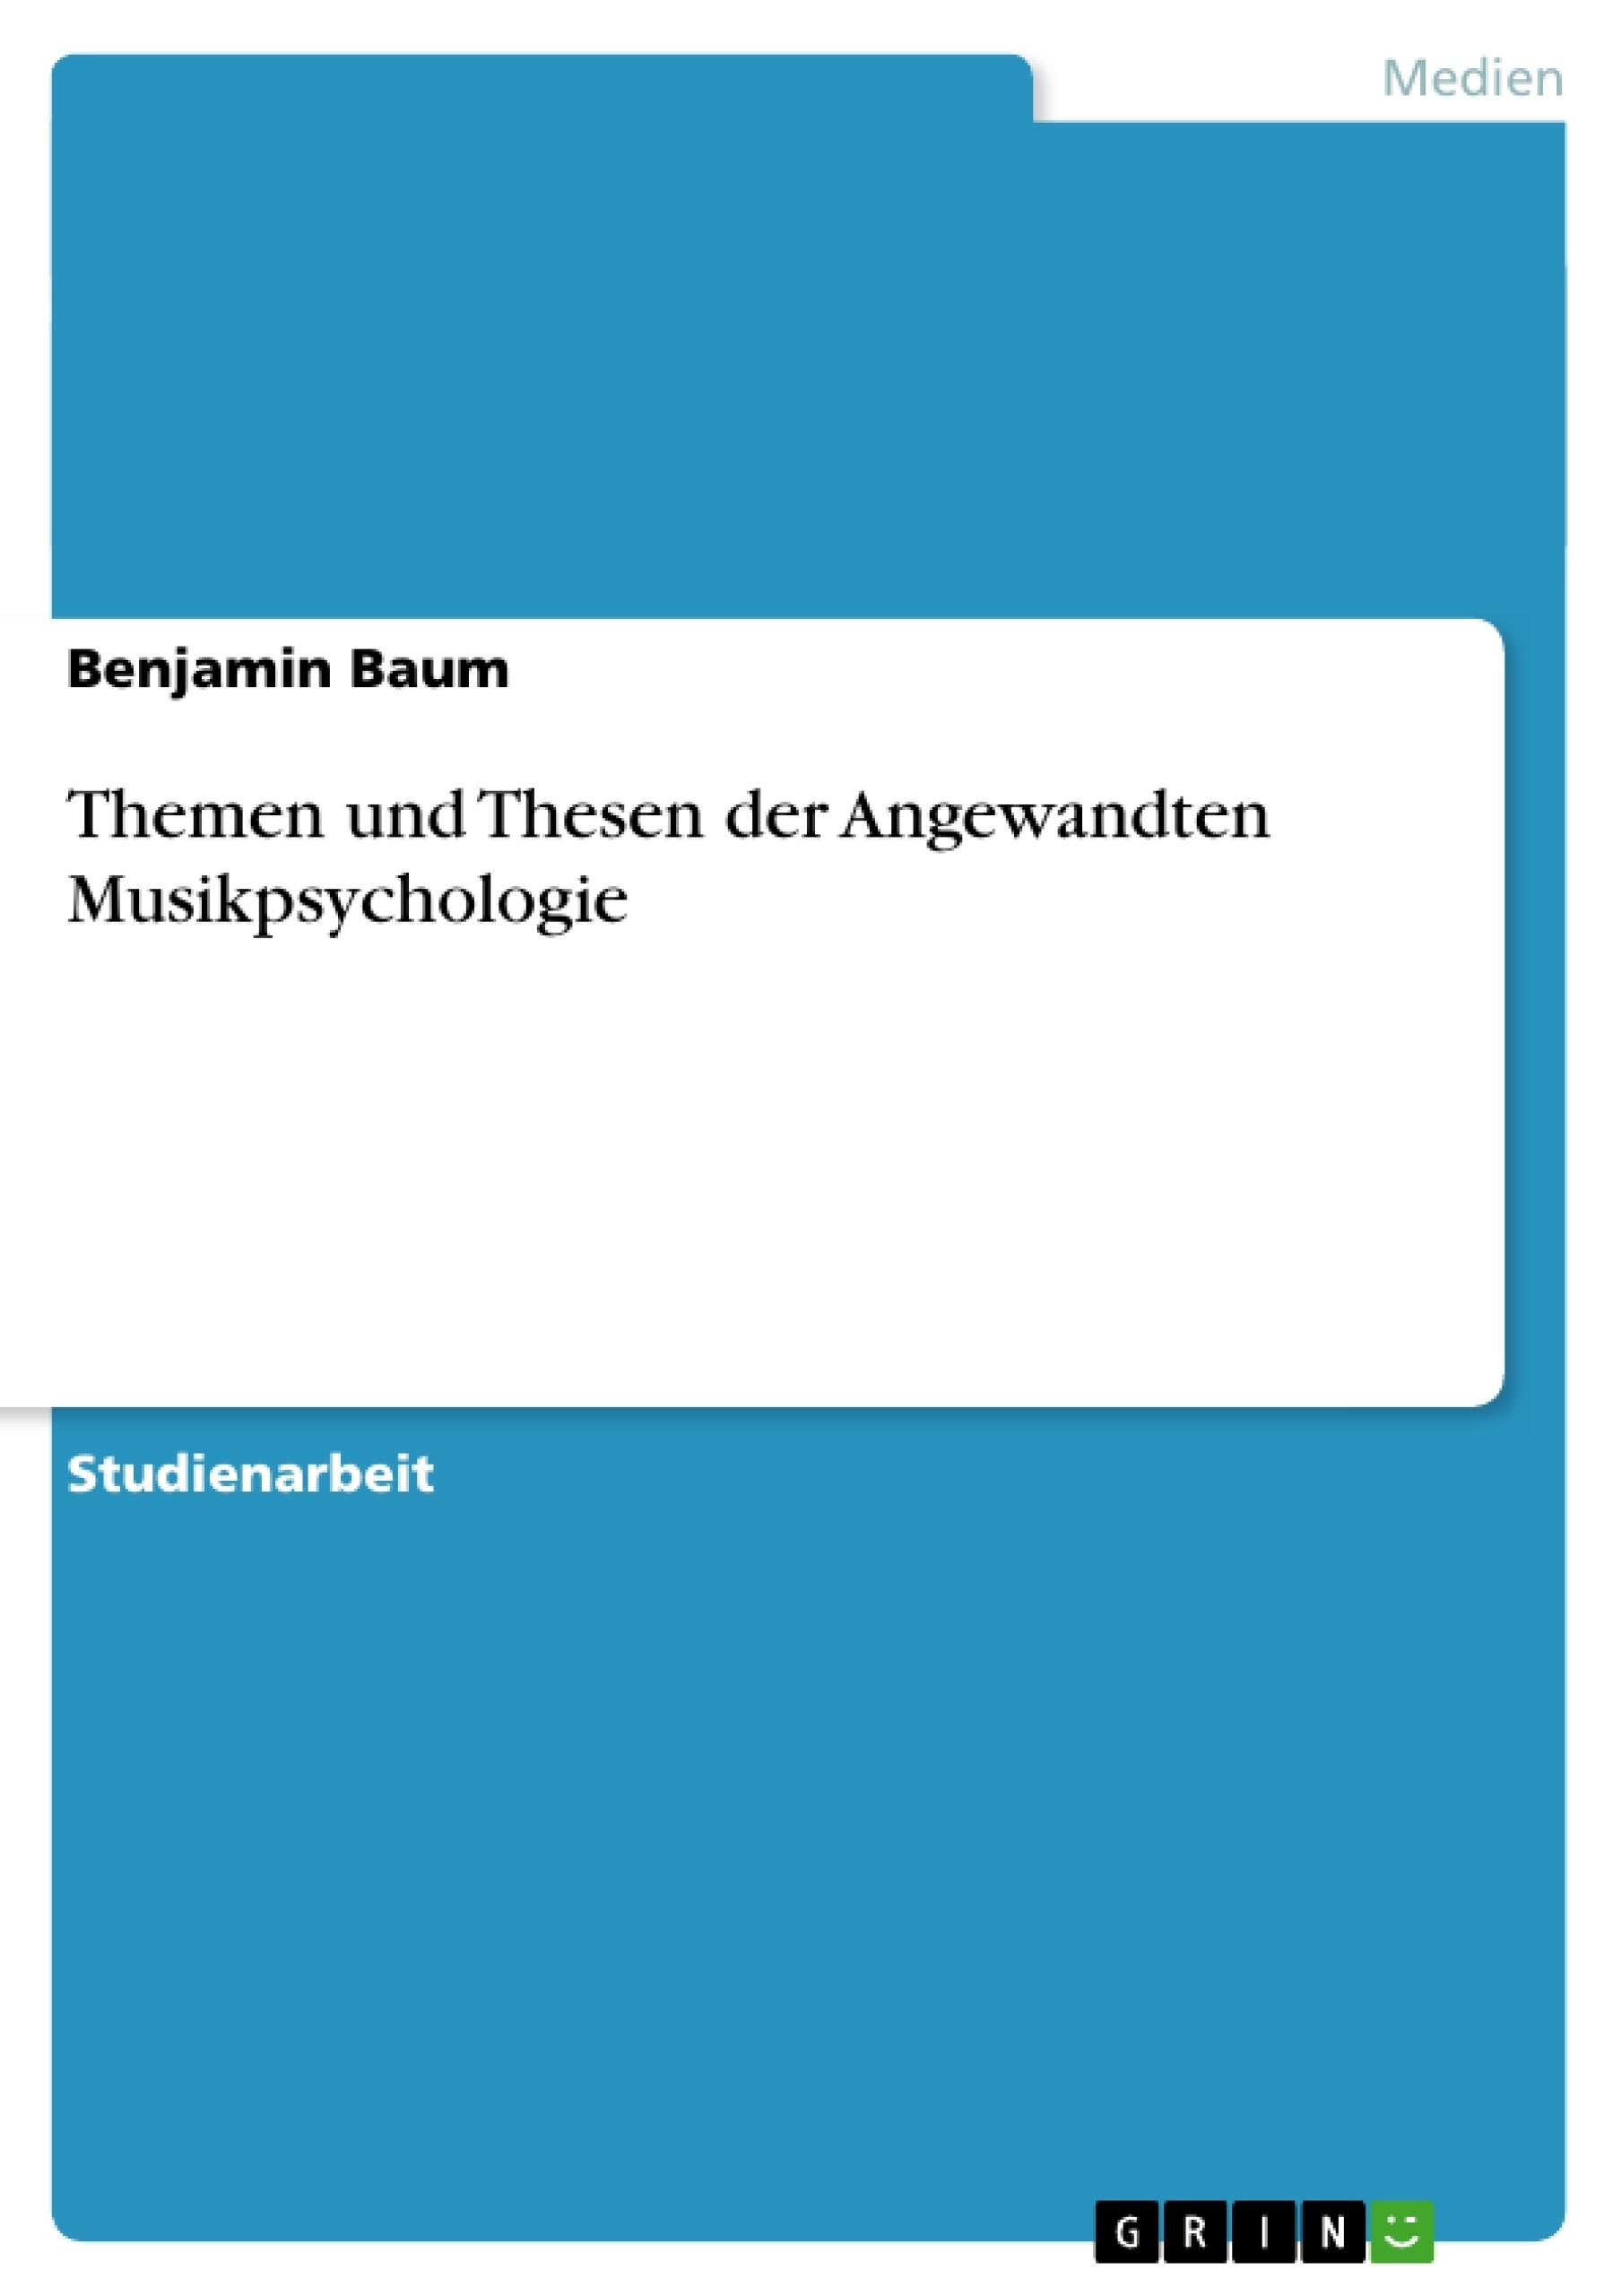 Titel: Themen und Thesen der Angewandten Musikpsychologie